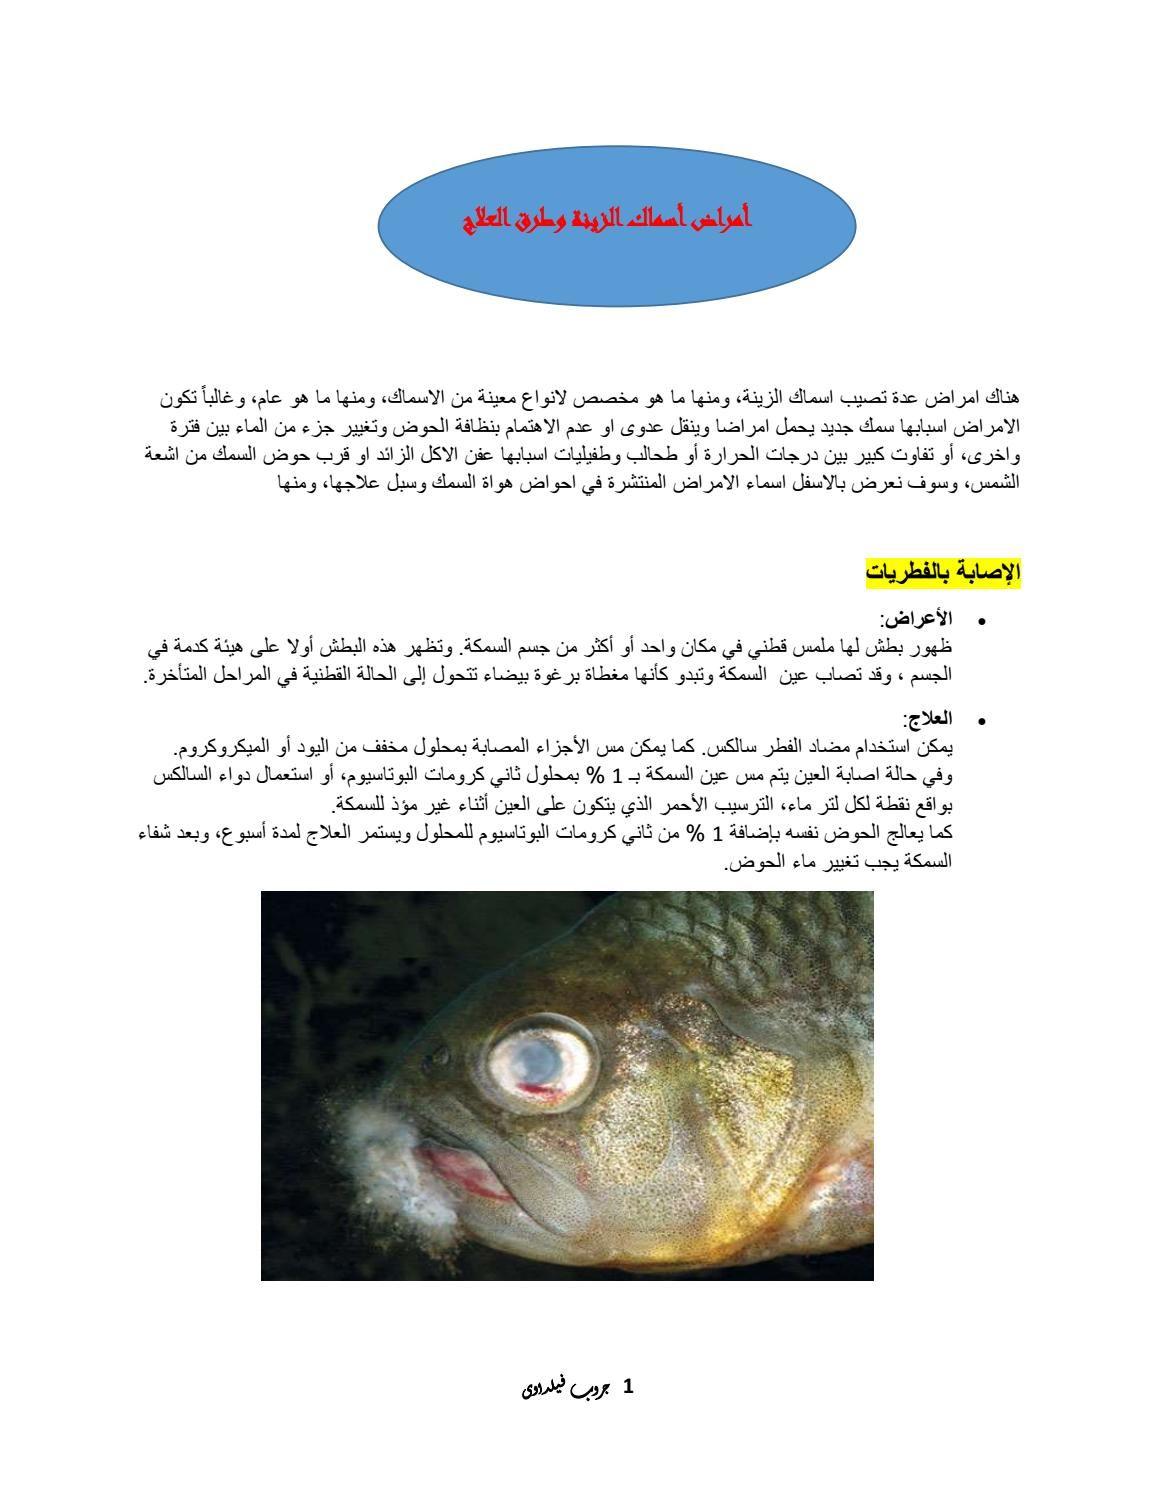 أهم امراض اسماك الزينة وطرق علاجها Pandora Screenshot Fish Pandora